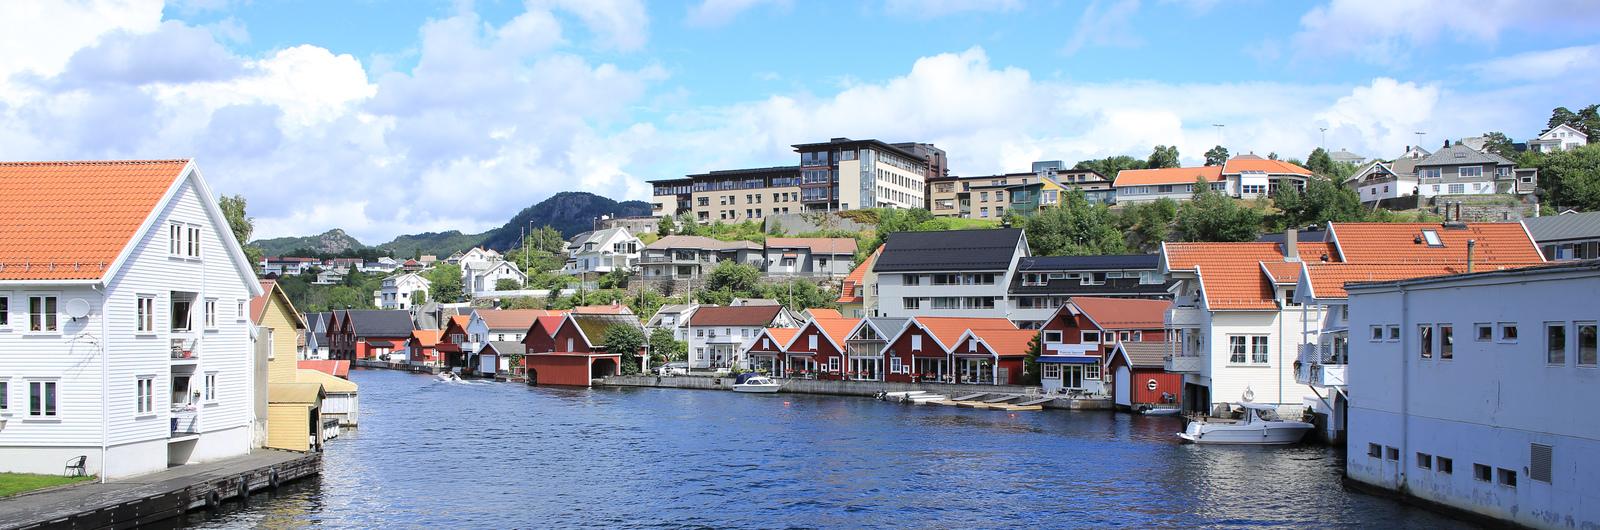 flekkefjord city header